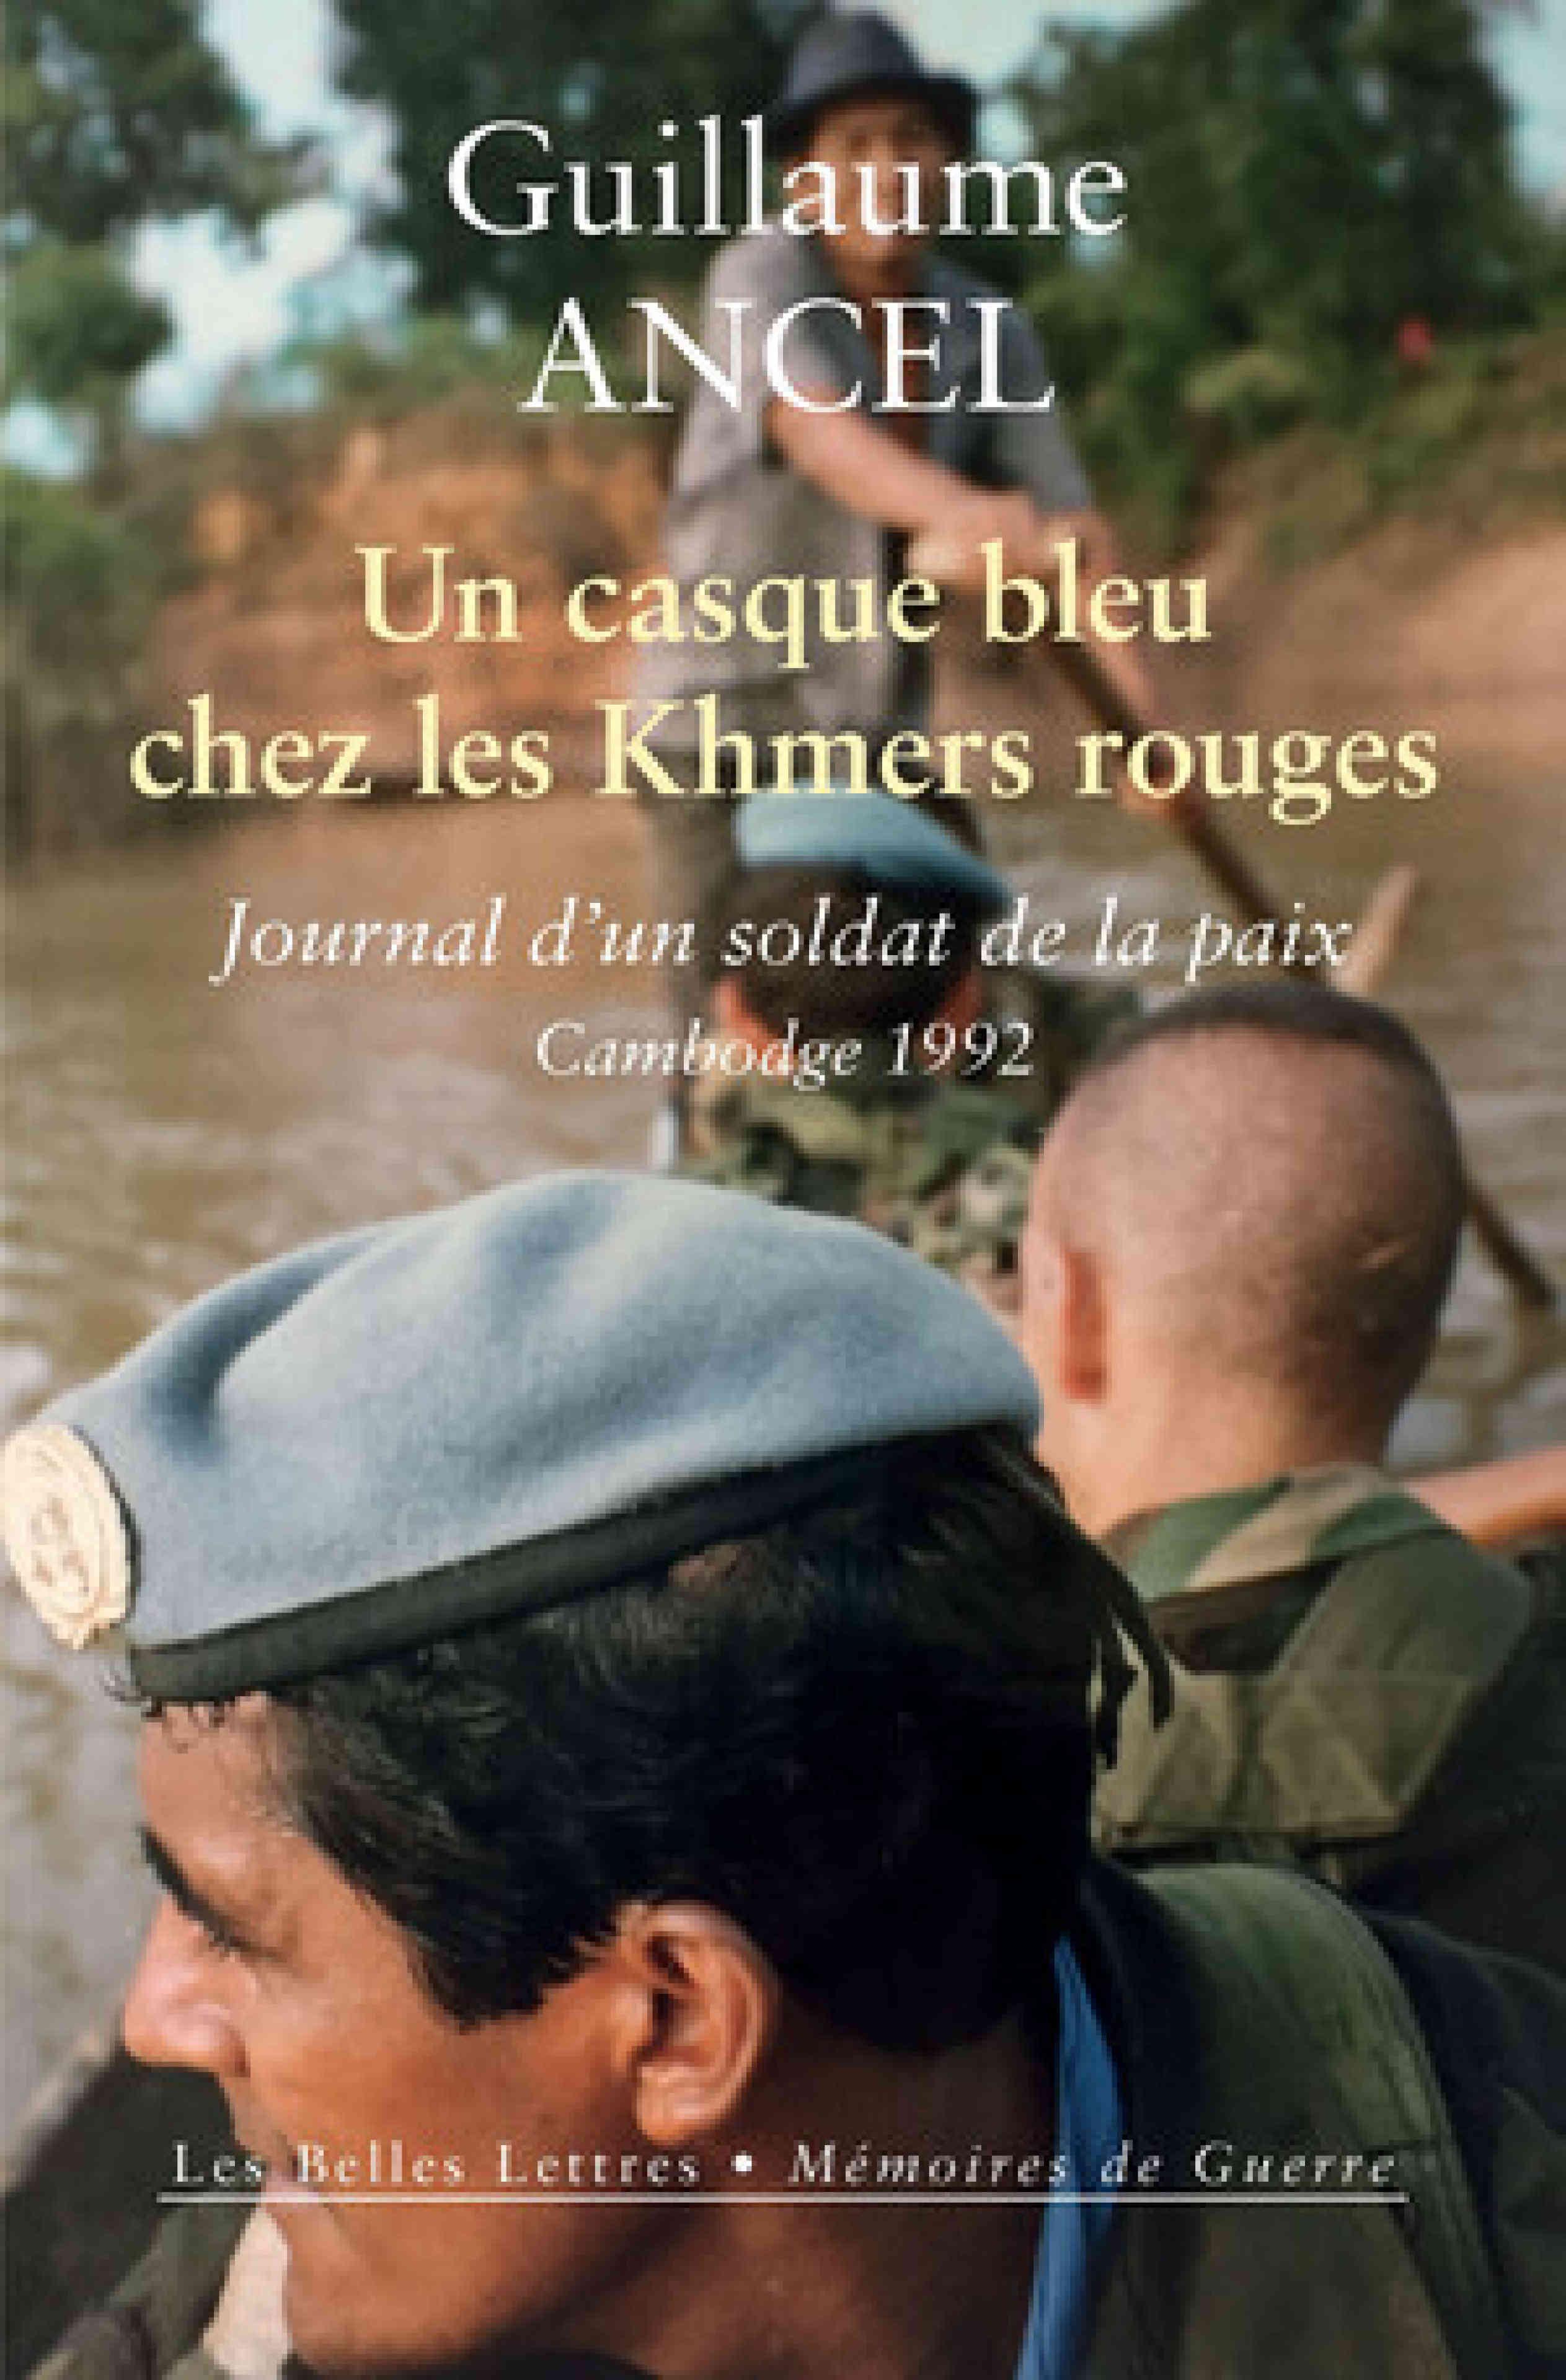 «Un casque bleu chez les Khmers rouges. Journal d'un soldat de la paix, Cambodge 1992», de Guillaume Ancel. Les Belles Lettres, «Mémoires de guerre», 272pages, 19,50euros.